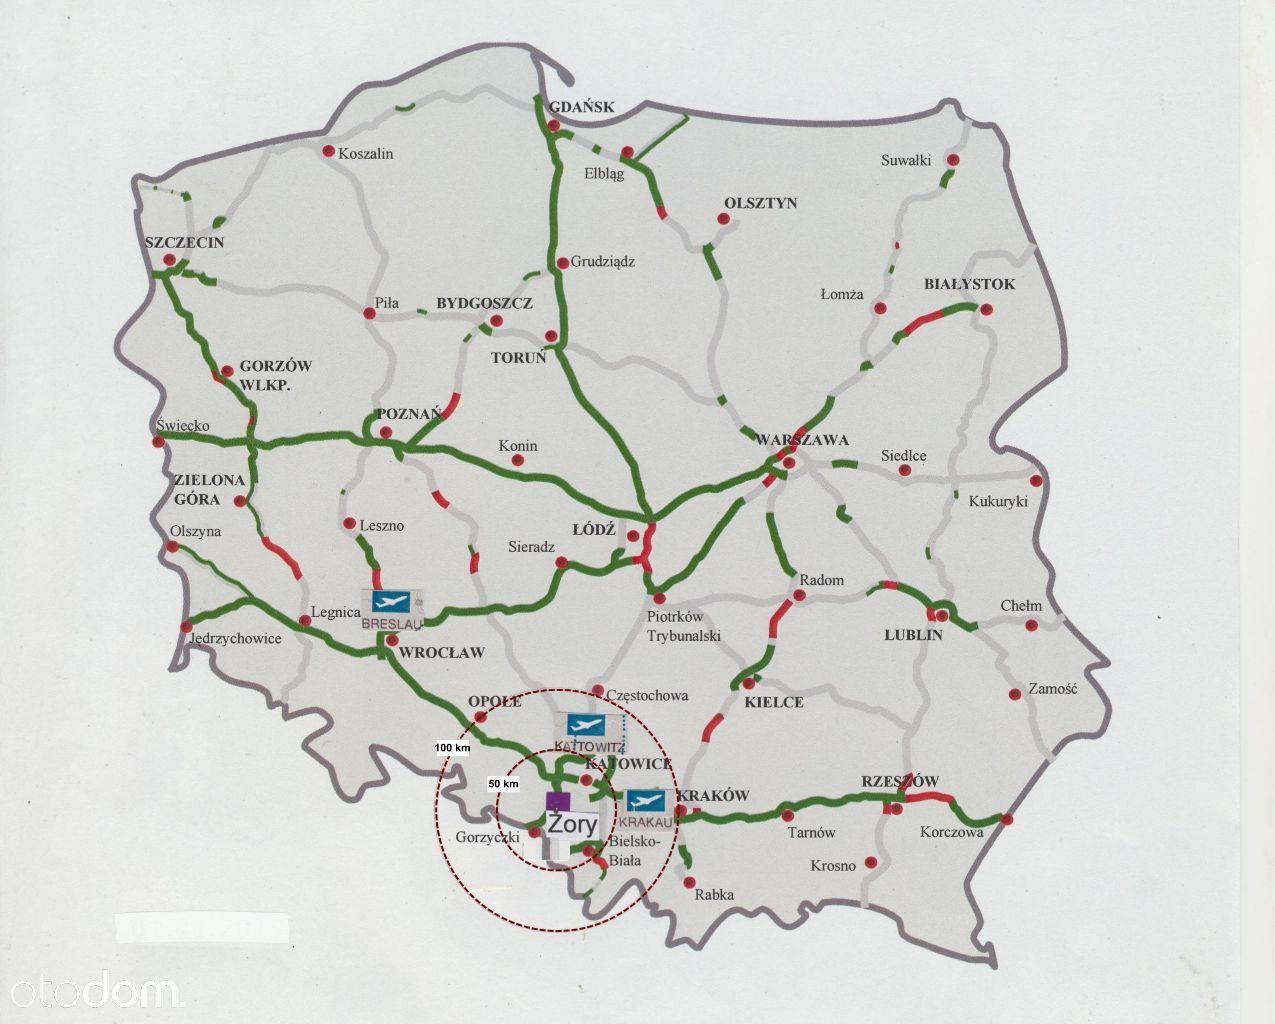 Handel-uslugi, idealne miejsce blisko autostr. A1